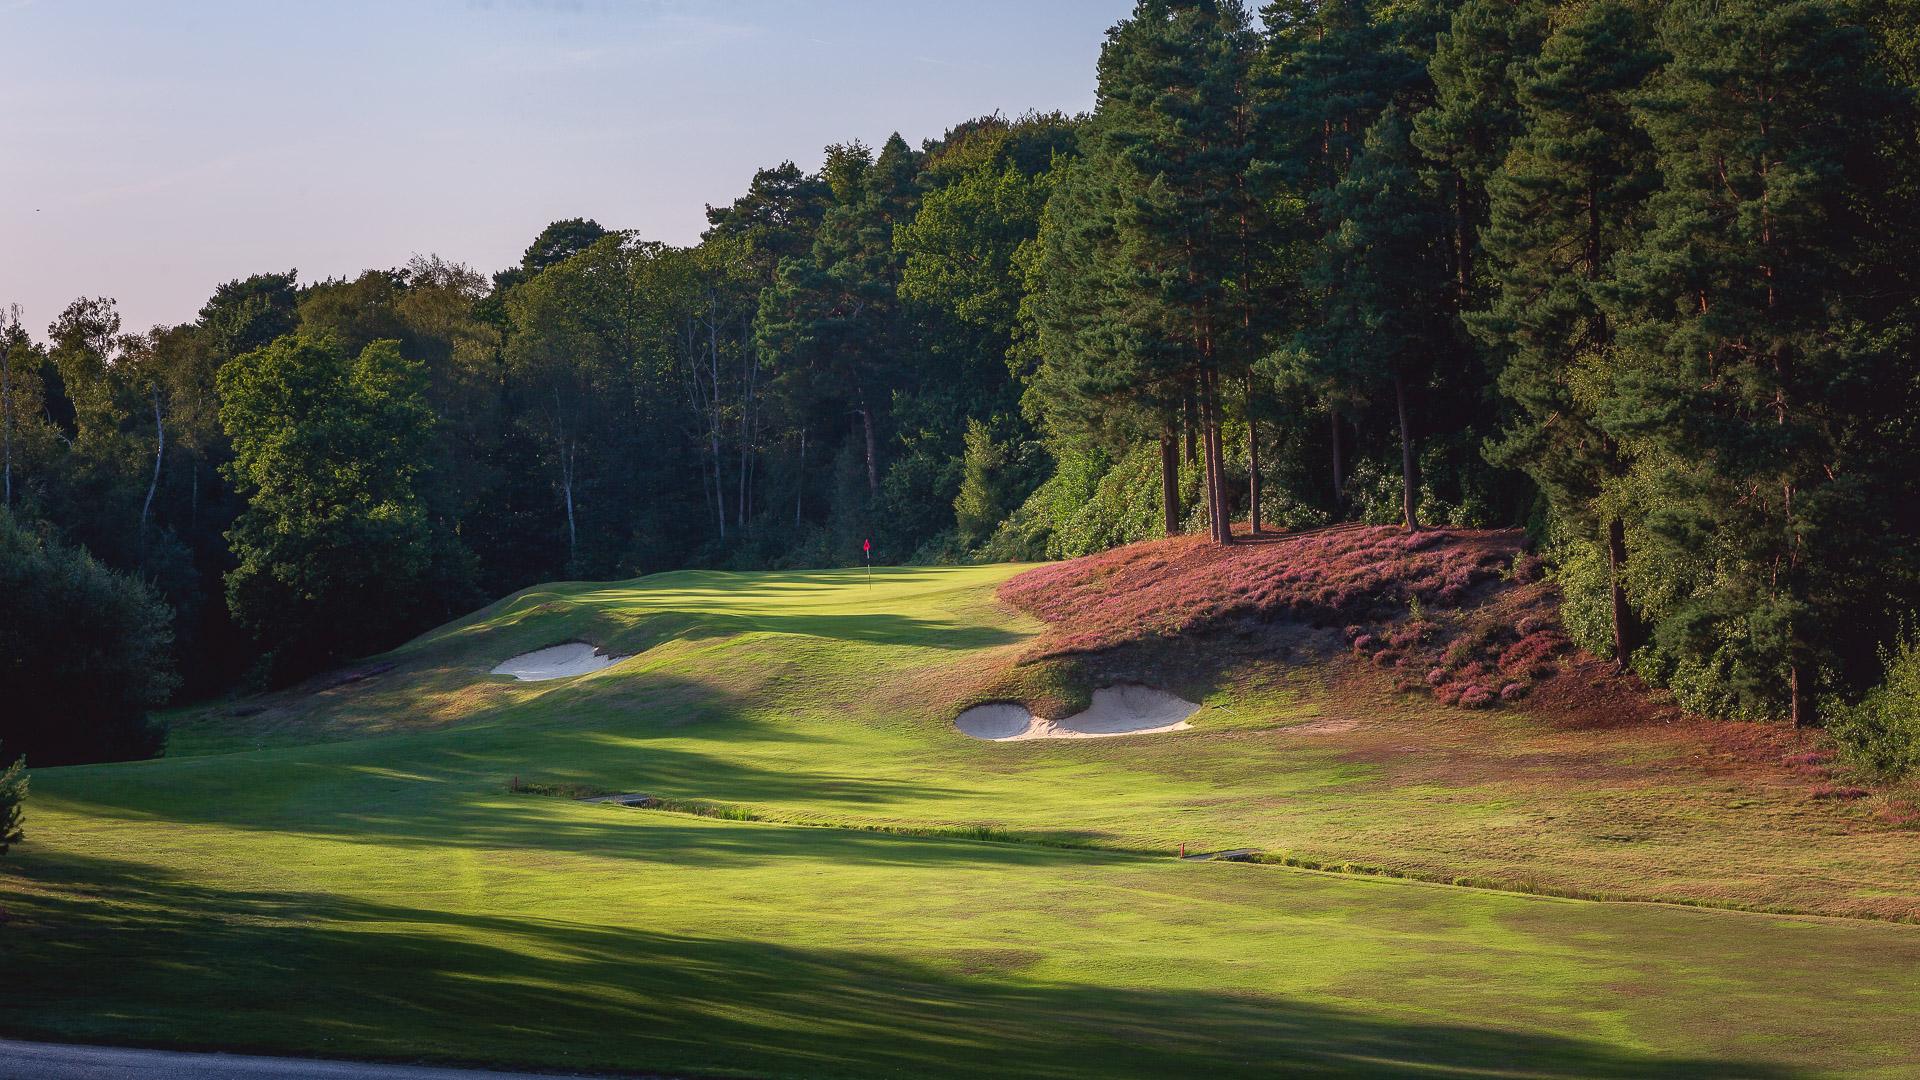 20th-Hole-St-Georges-Hill-Golf-Club-2153-Edit